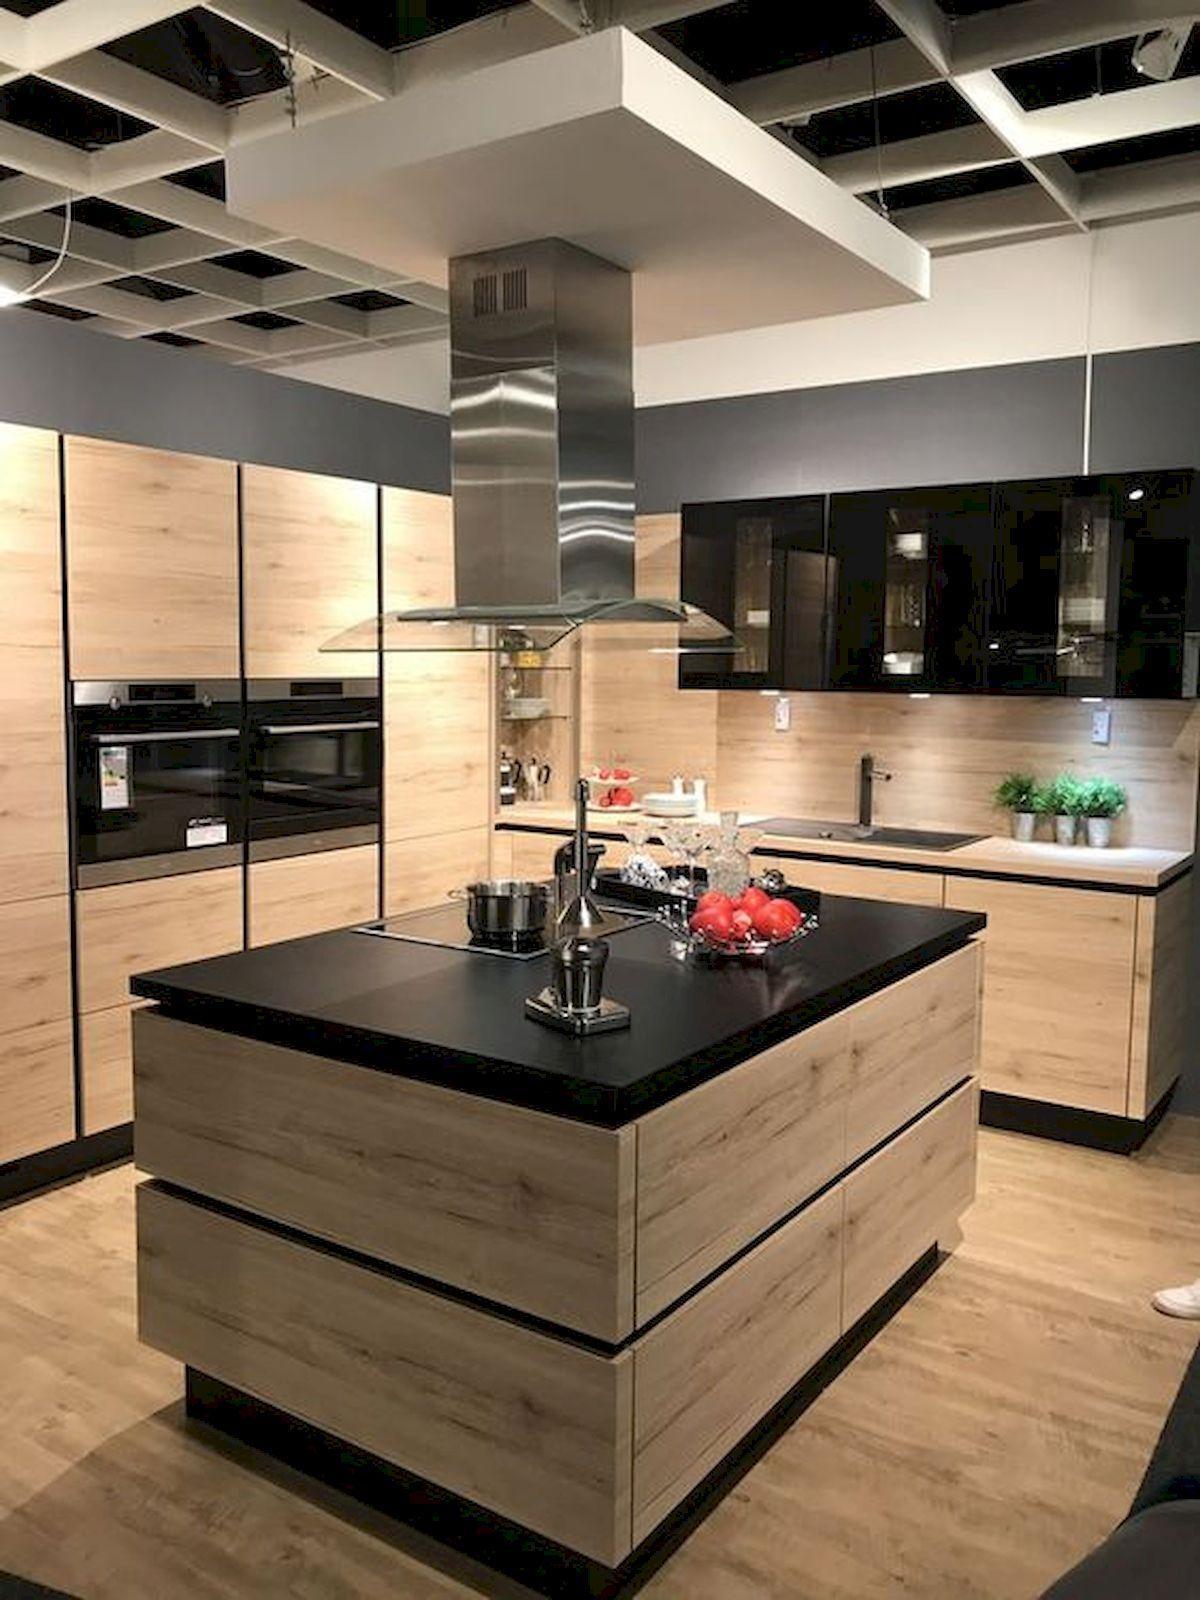 9 Stunning Modern Dream Kitchen Design Ideas And Decor 9 ...